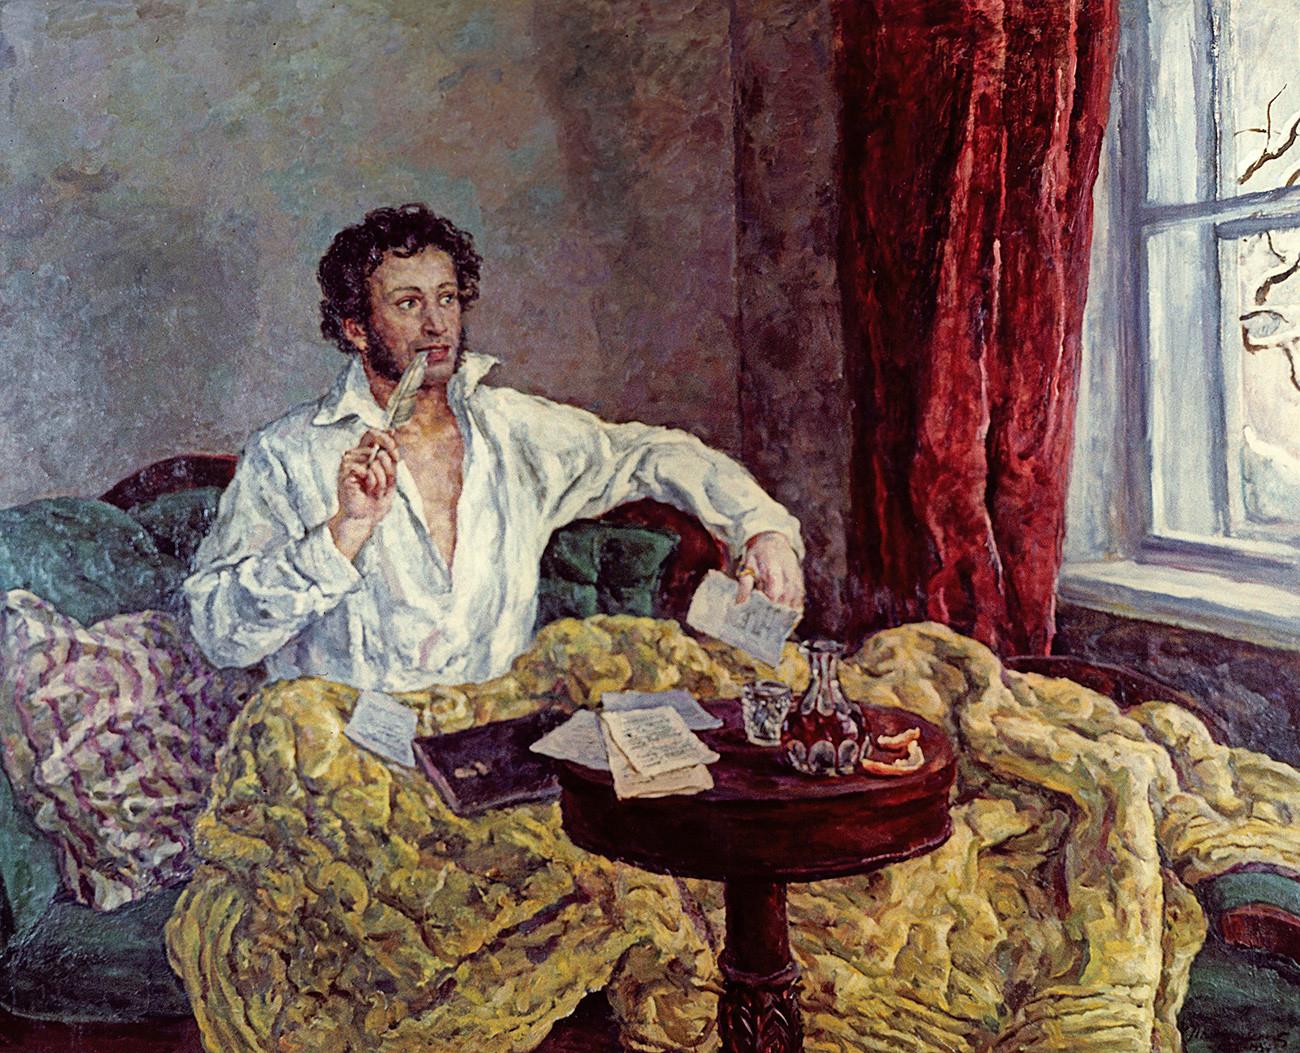 Пётр Кончаловский. Портрет Александра Пушкина (1932).